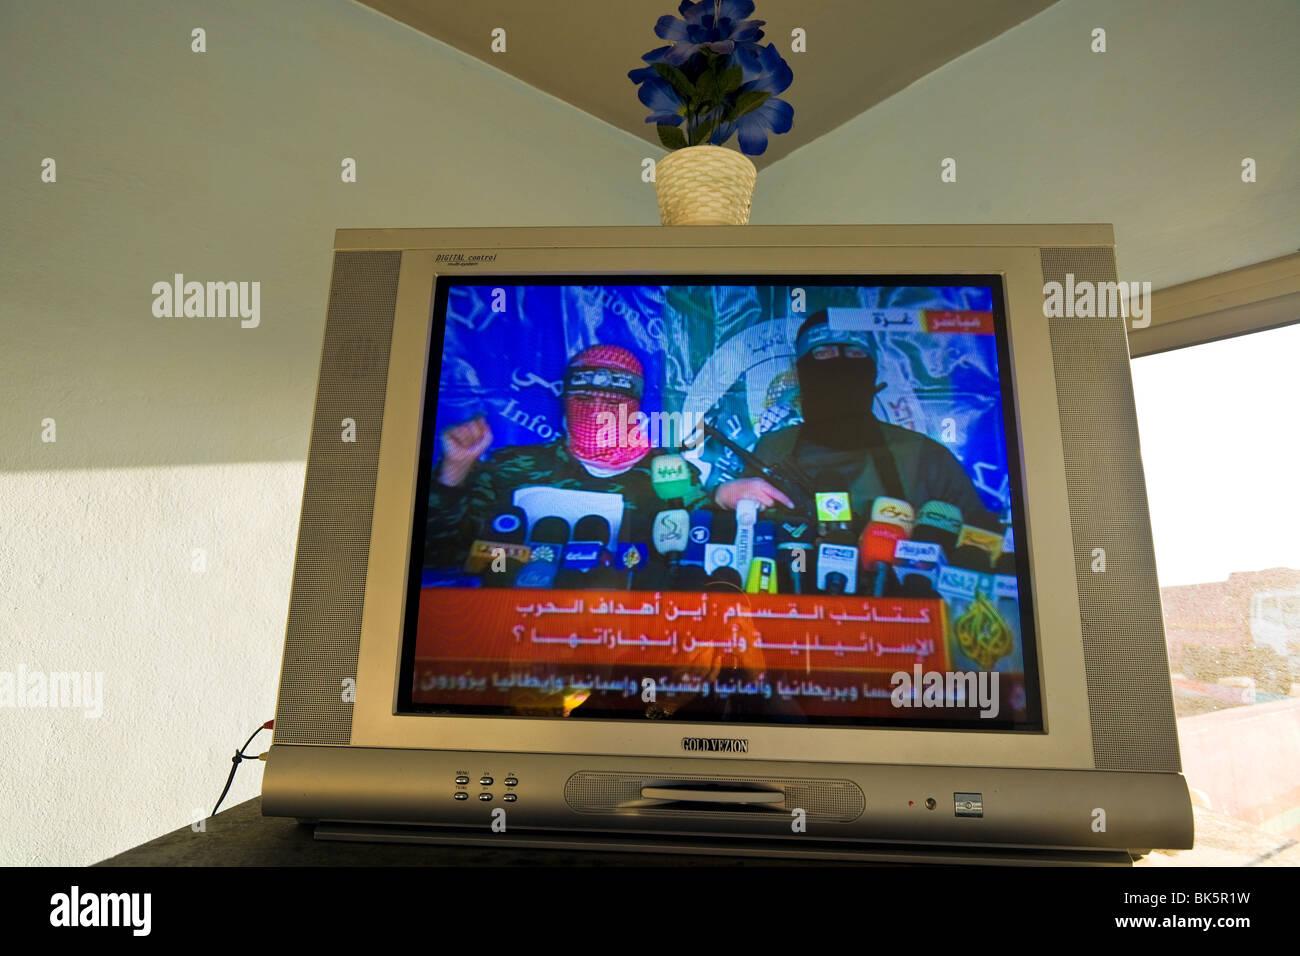 Western Sahara, petrol station, jihadists on television. - Stock Image